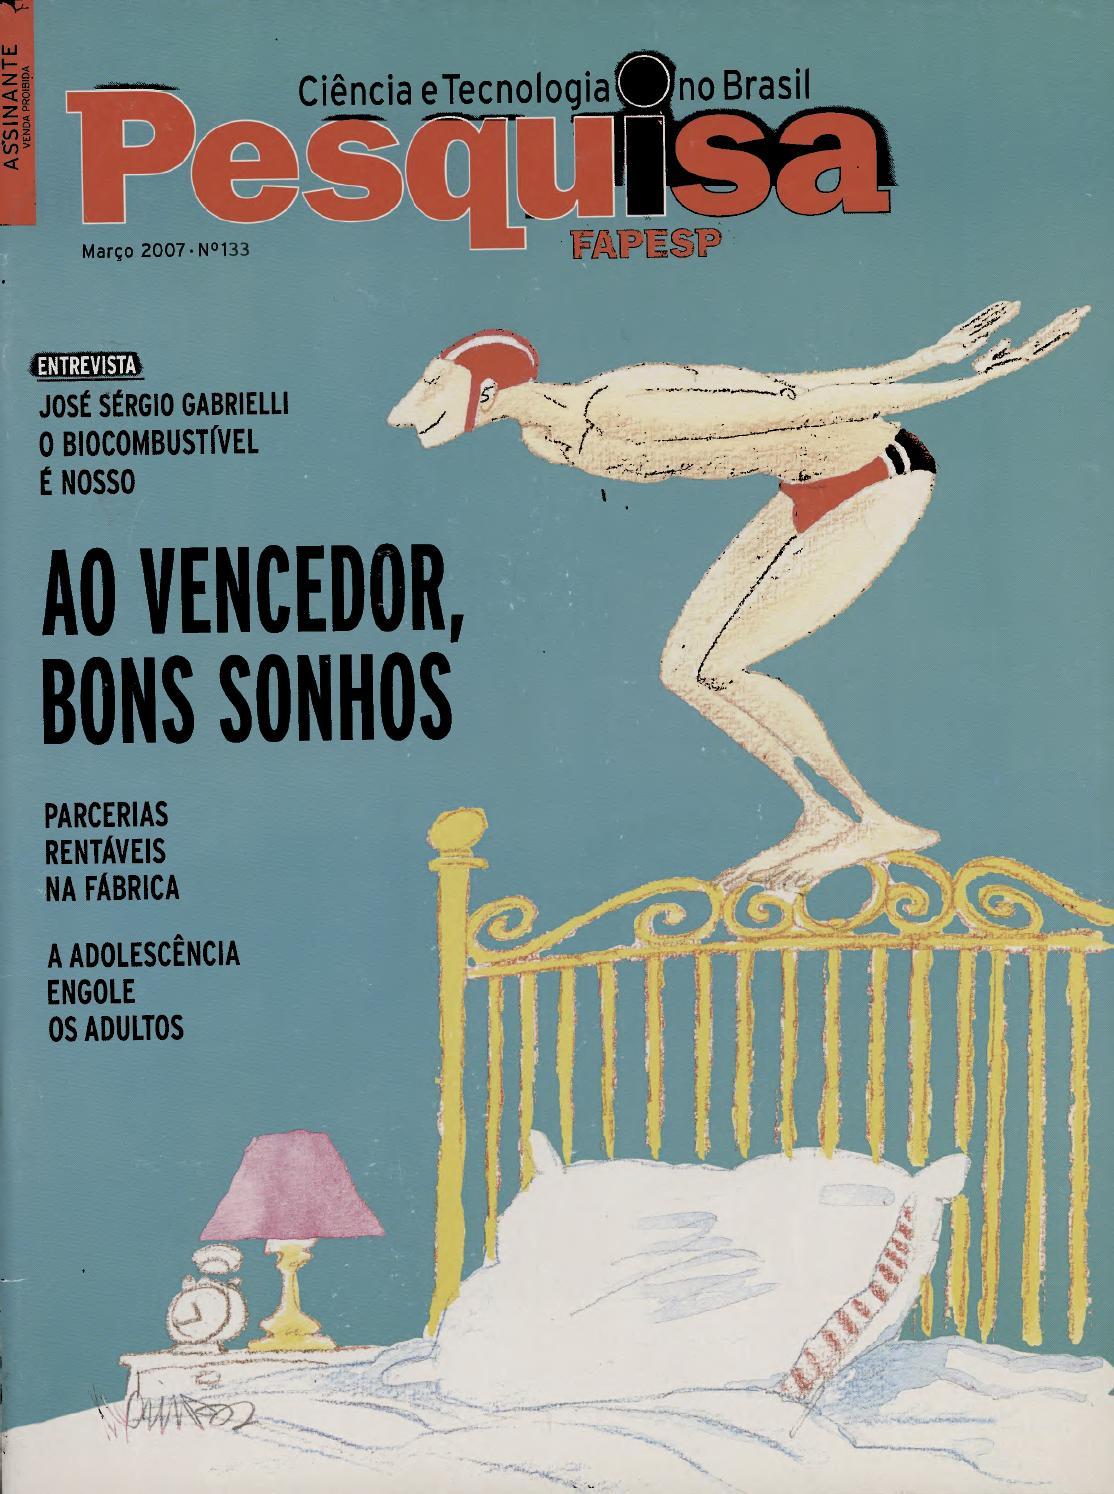 Ao vencedor, bons sonhos by Pesquisa Fapesp - issuu 428125e72f